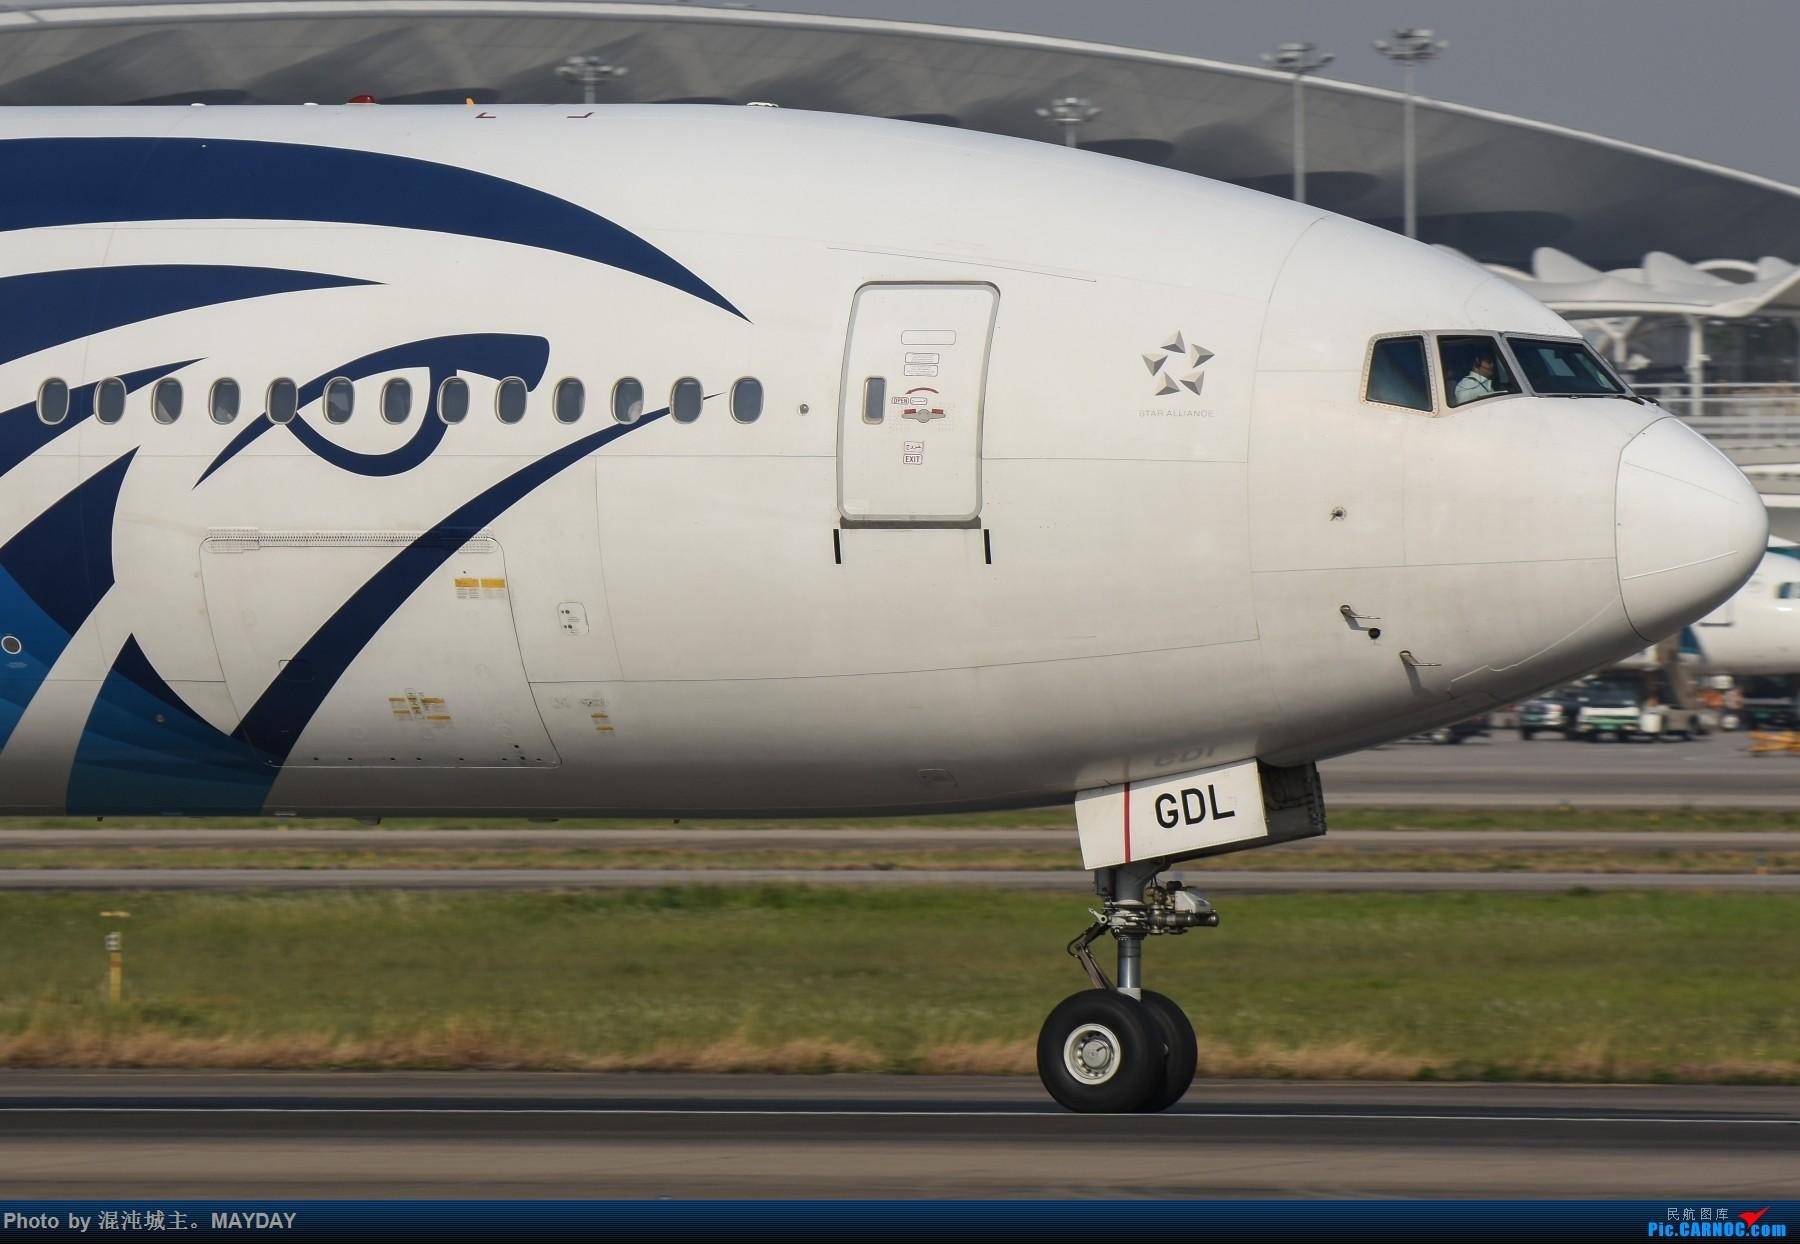 Re:[原创]试镜..细节. BOEING 777-300ER SU-GDL 中国广州白云国际机场